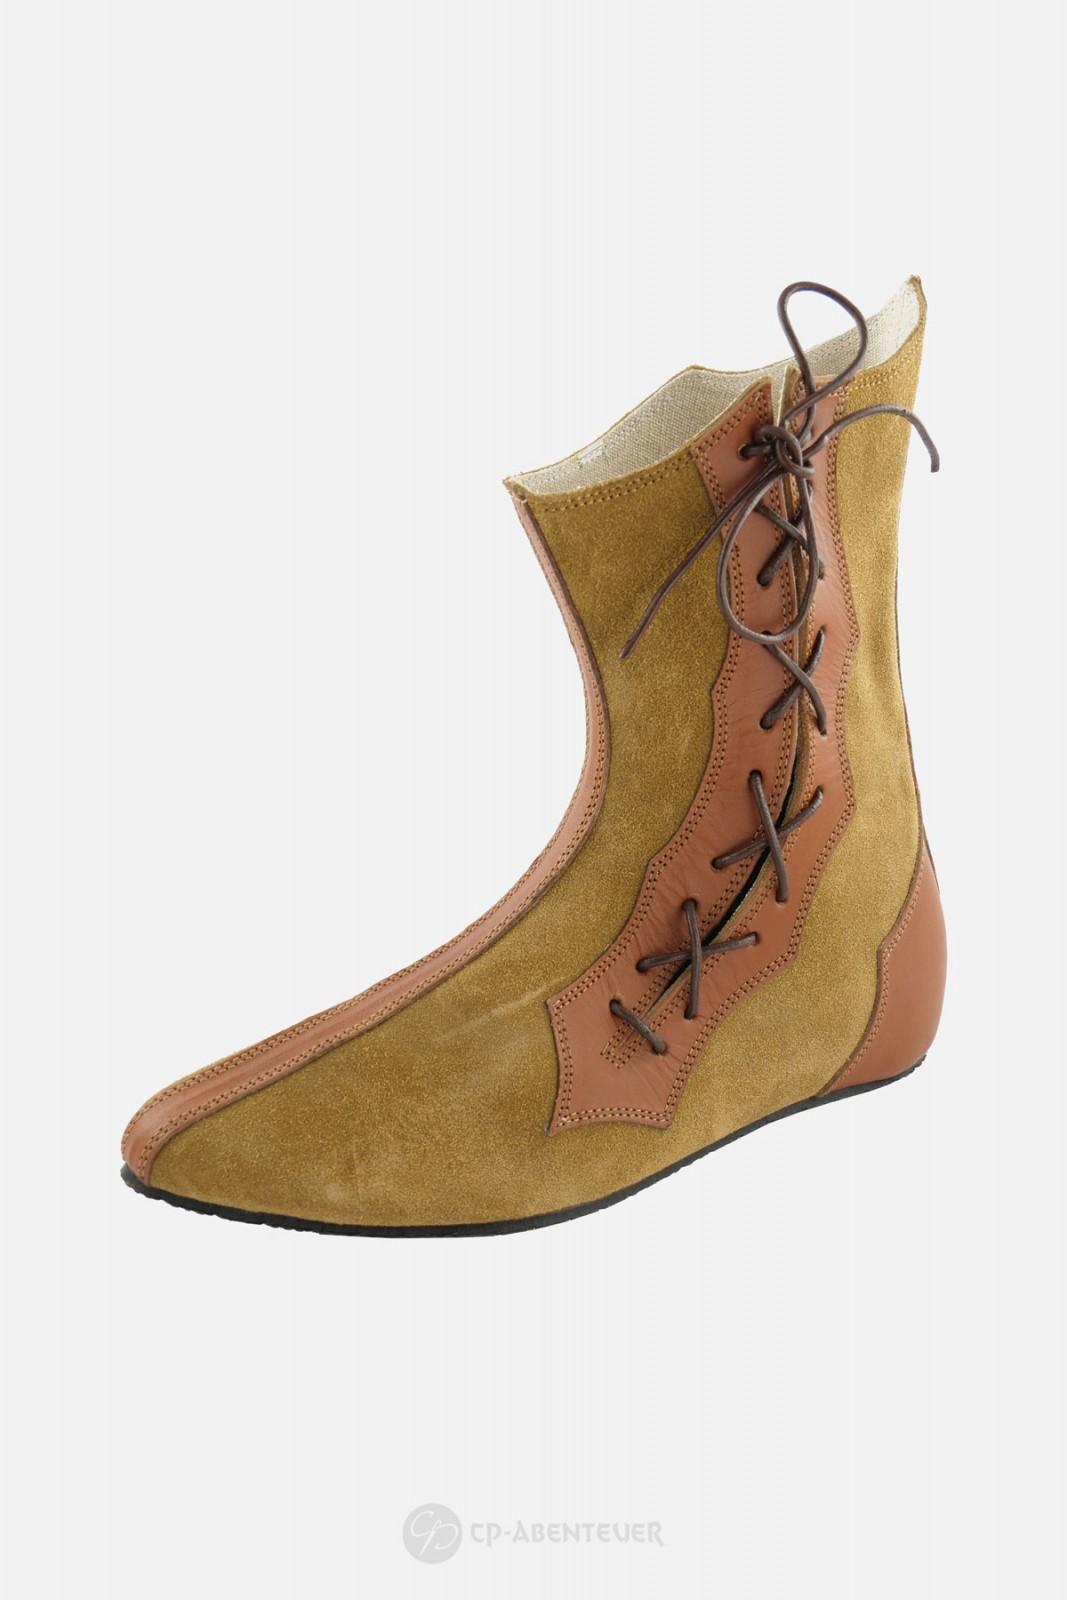 Albrecht - Schuhe, Braun